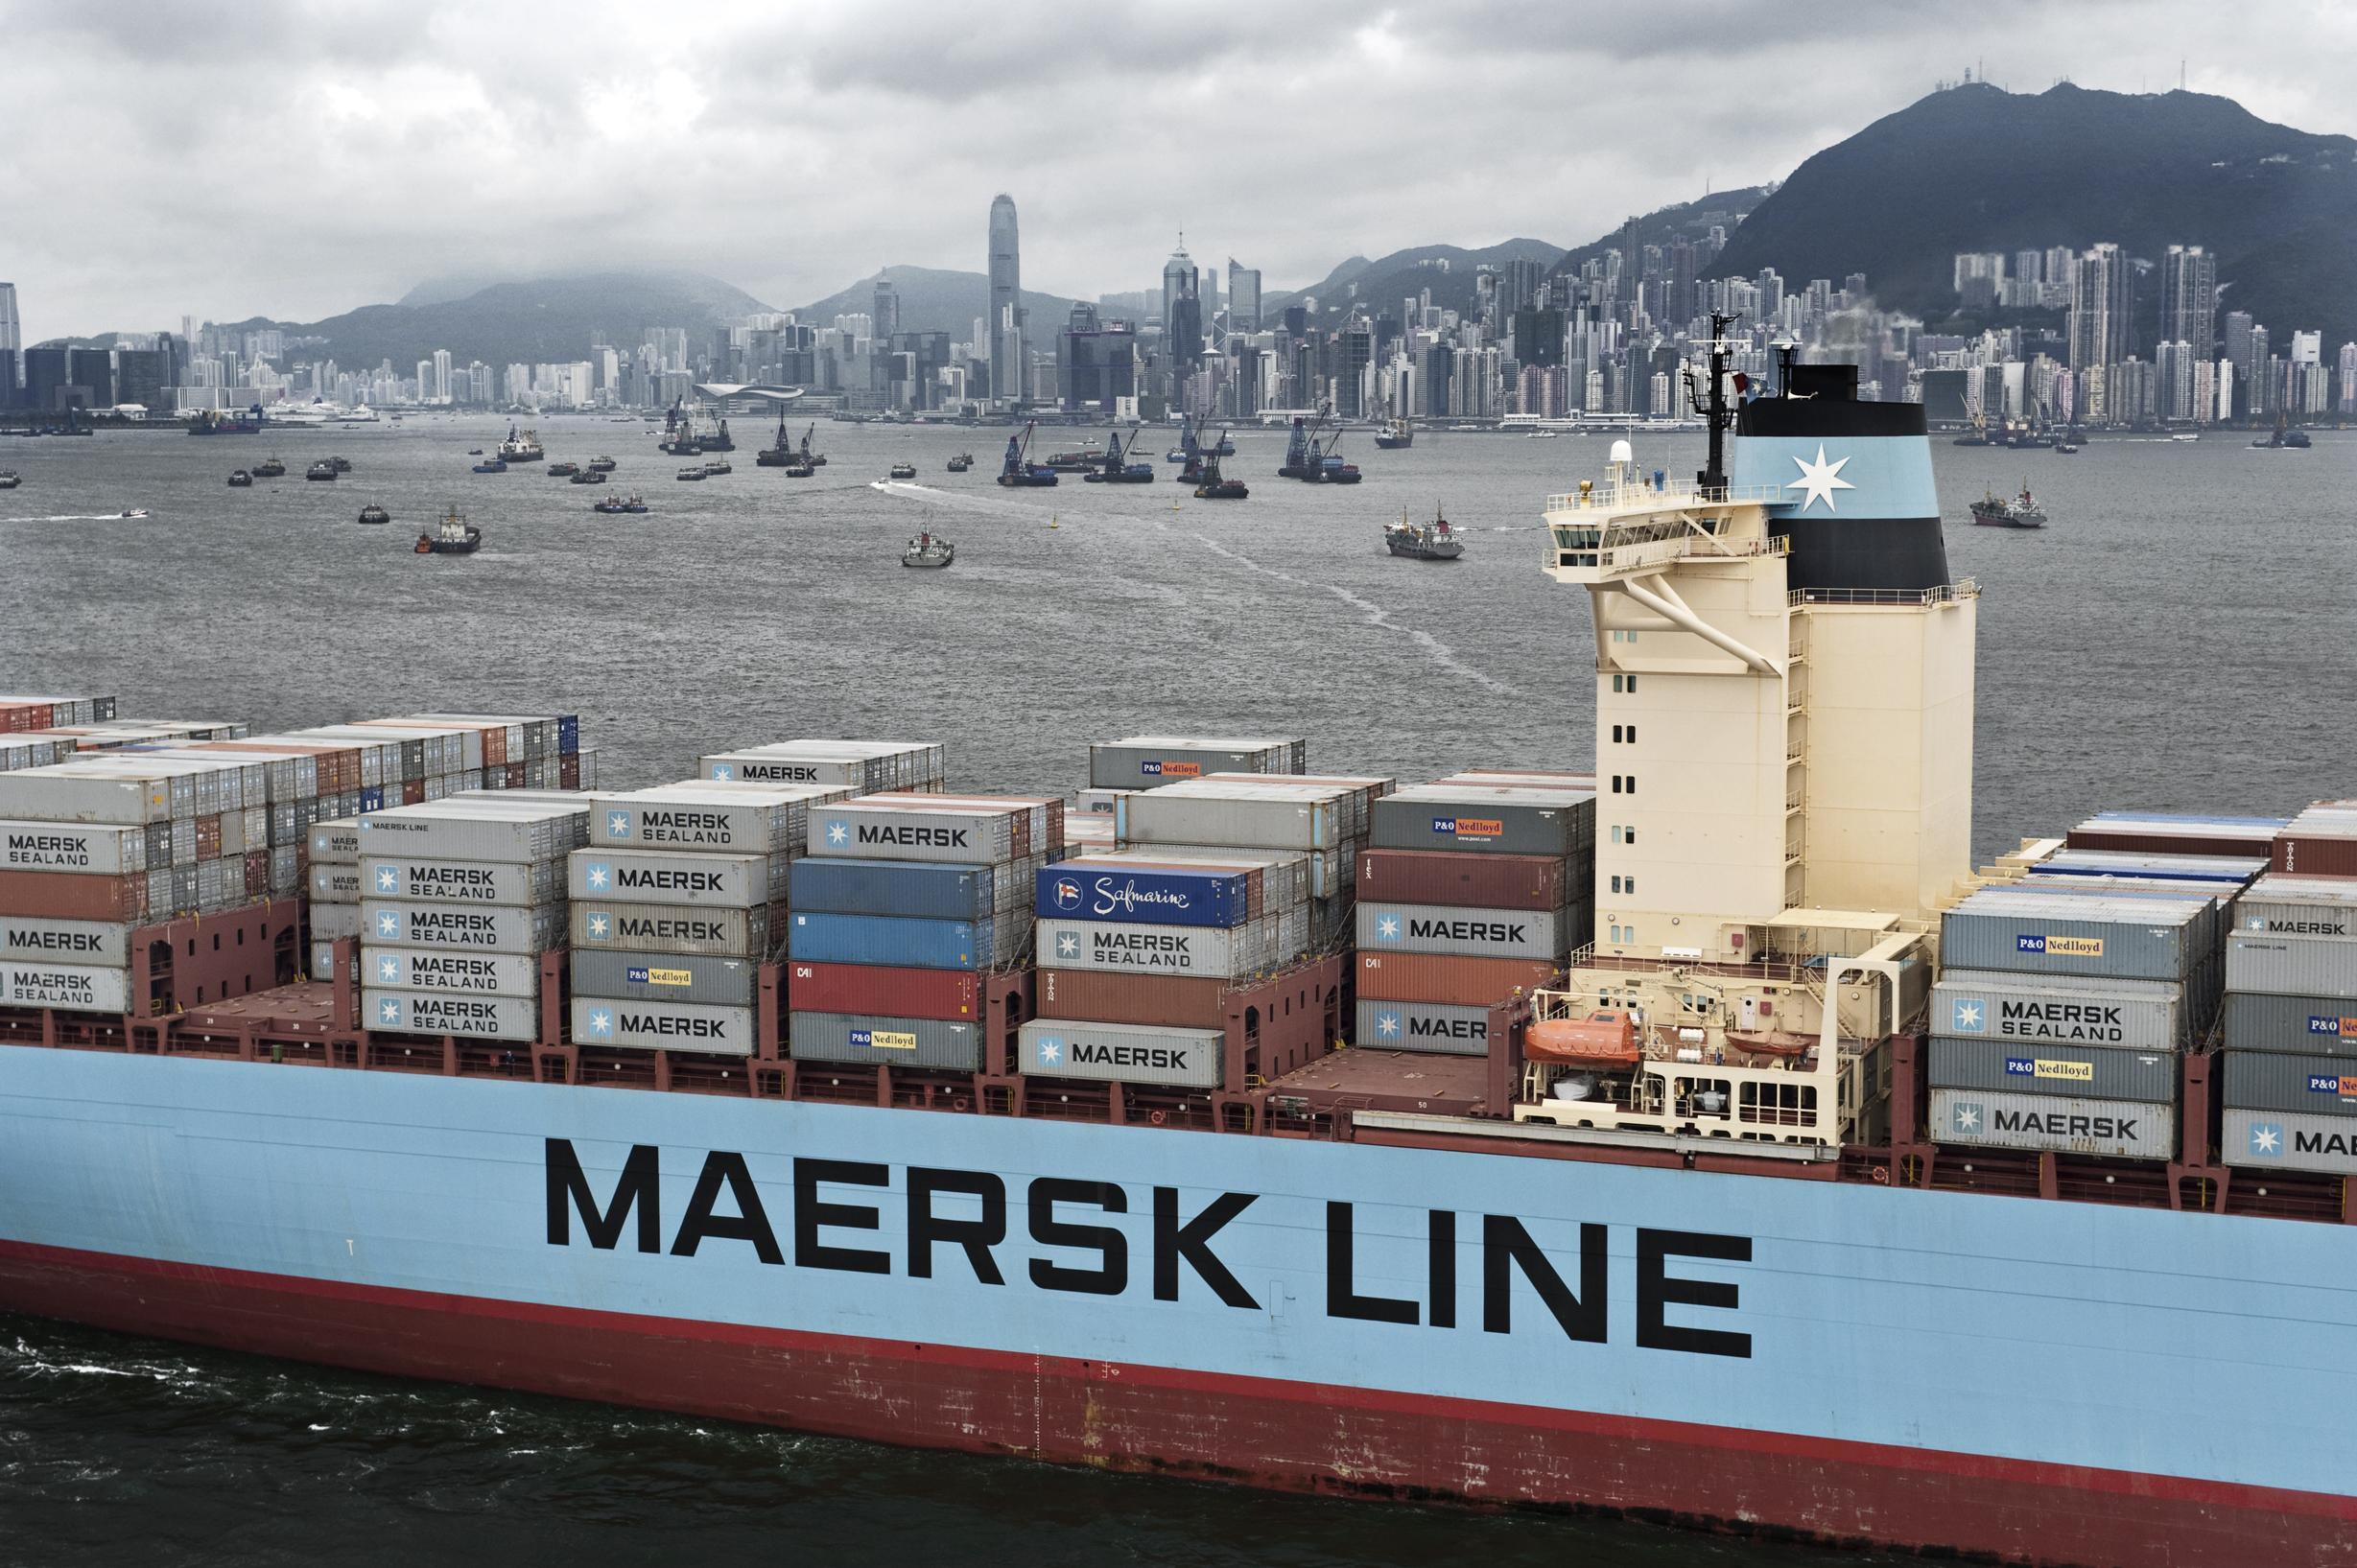 Κέρδη που ζαλίζουν το 2021 για την Maersk που έσπασε όλα τα ρεκόρ - e-Nautilia.gr   Το Ελληνικό Portal για την Ναυτιλία. Τελευταία νέα, άρθρα, Οπτικοακουστικό Υλικό